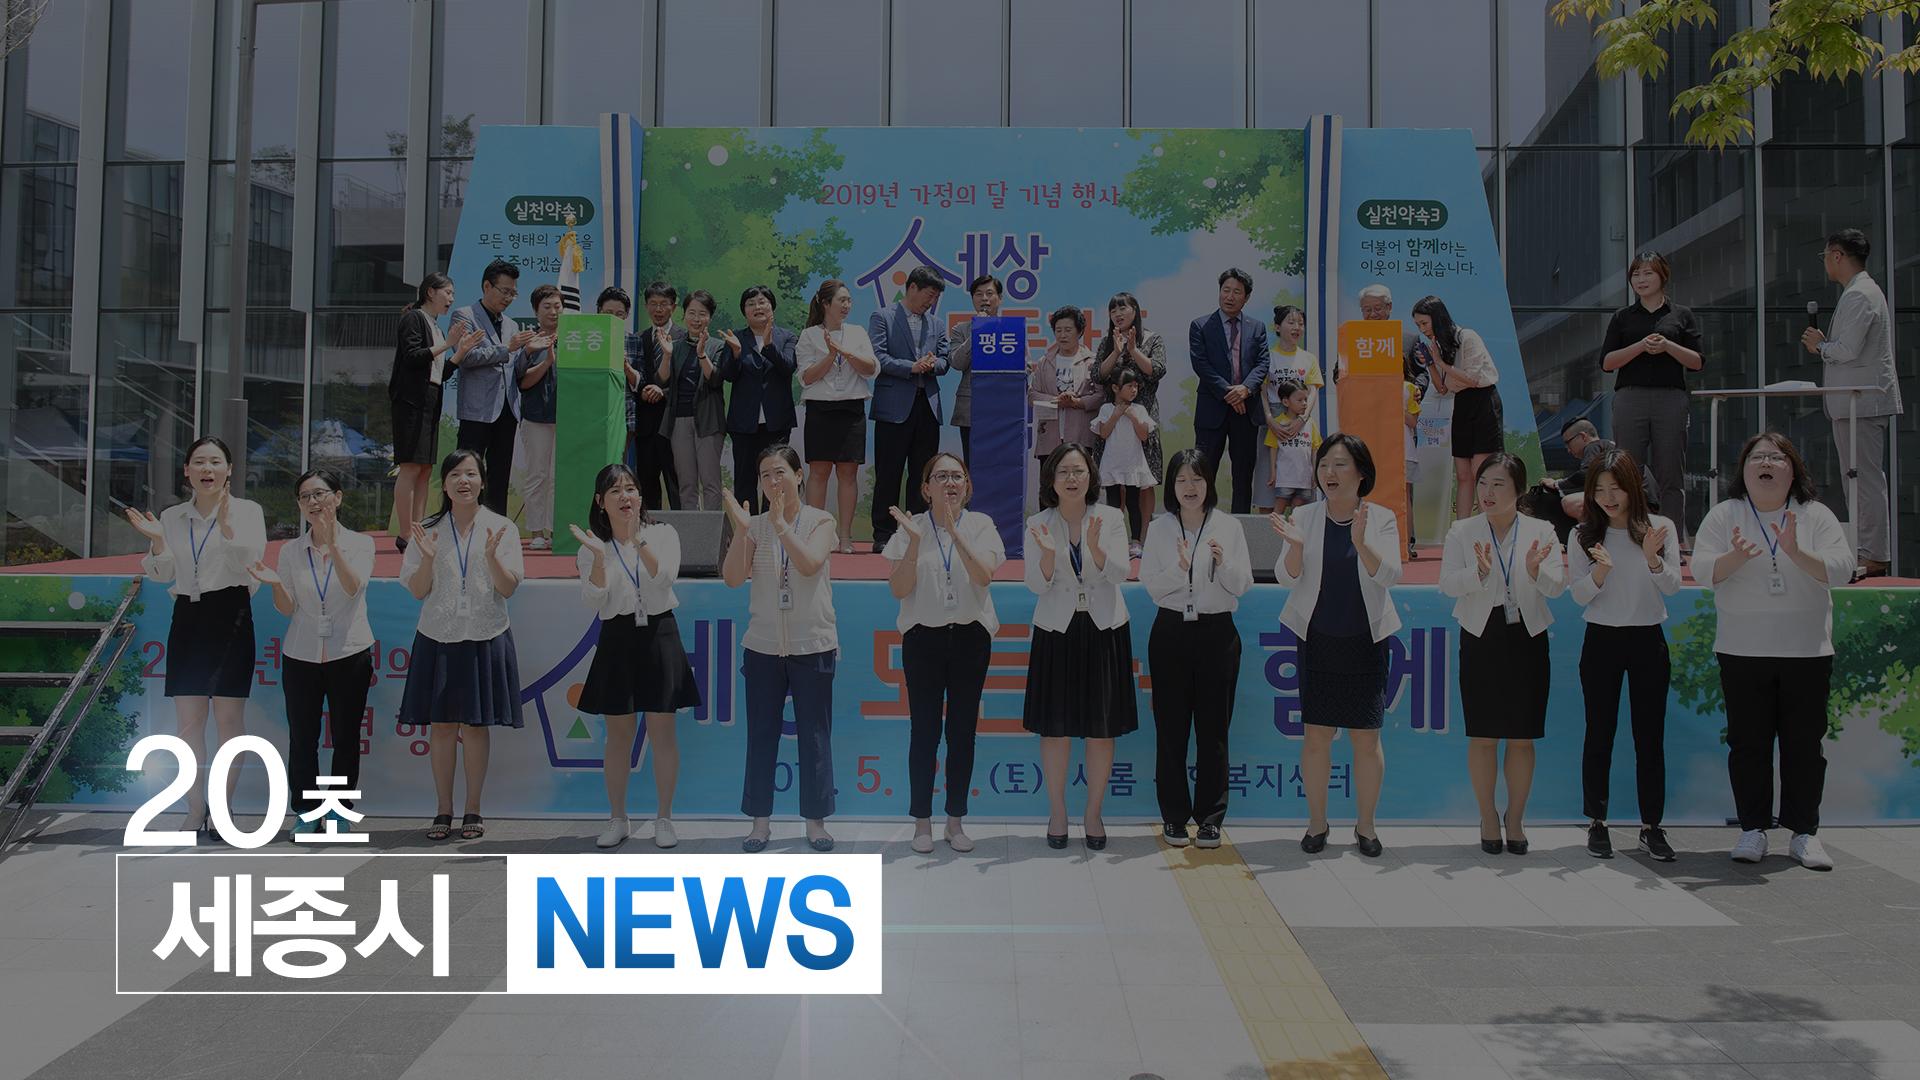 <20초뉴스> 2019년 가정의 달 기념식 개최